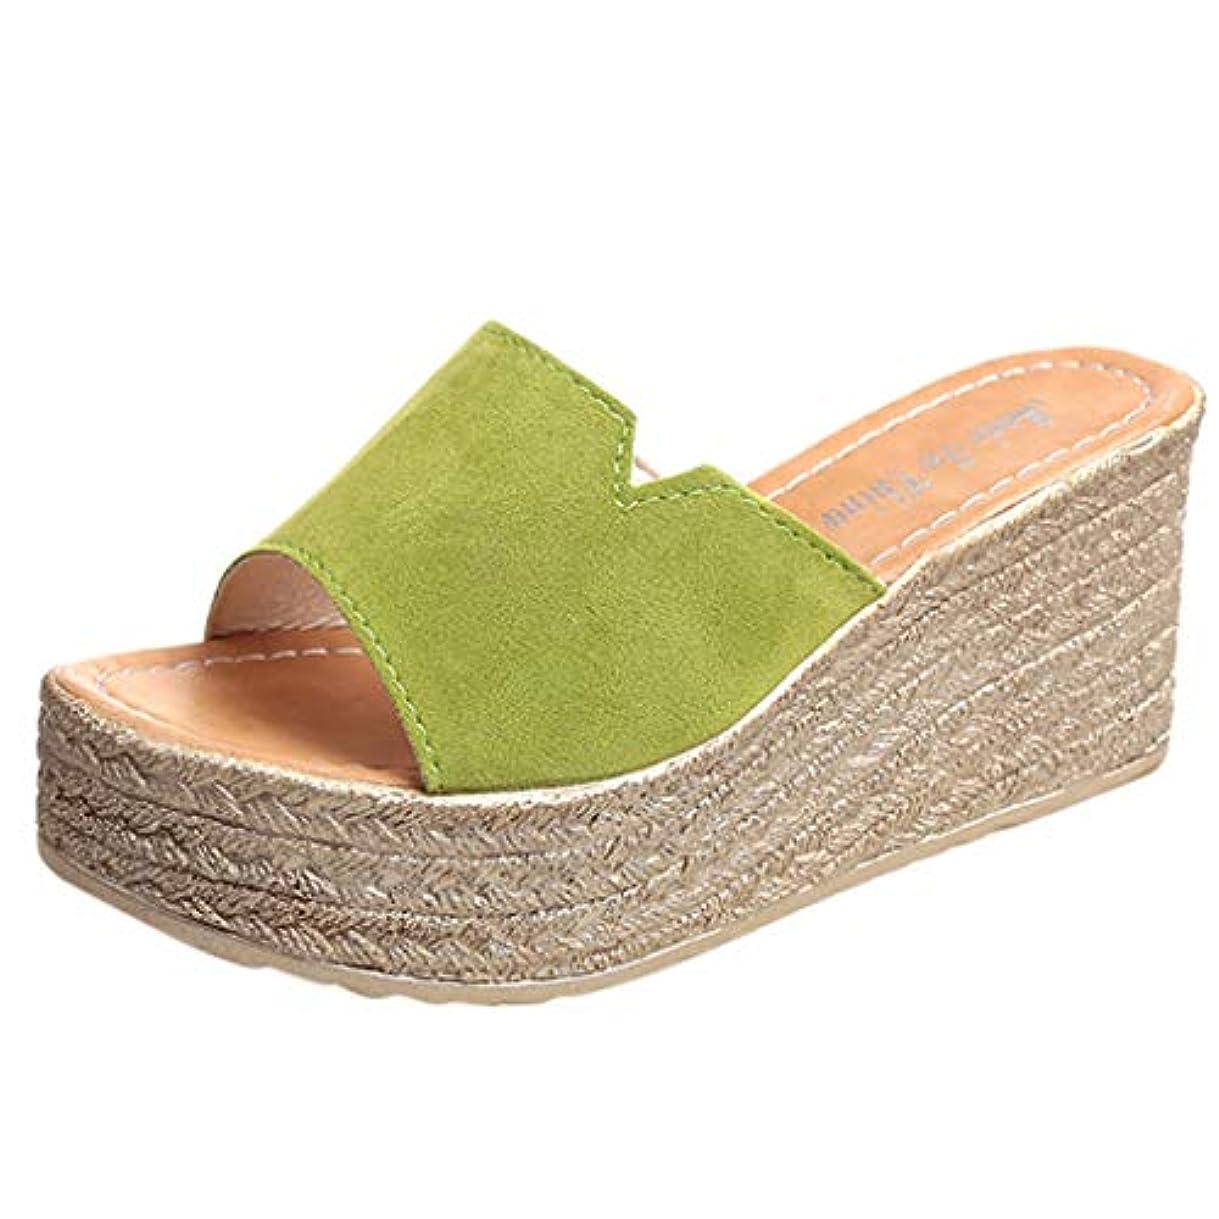 確かなアロング市の花ウェッジソール ミュール Foreted ビーチサンダル 履き心地 厚底靴 日常着用 オープントゥ 下履き スリッパ 痛くない 夏 海